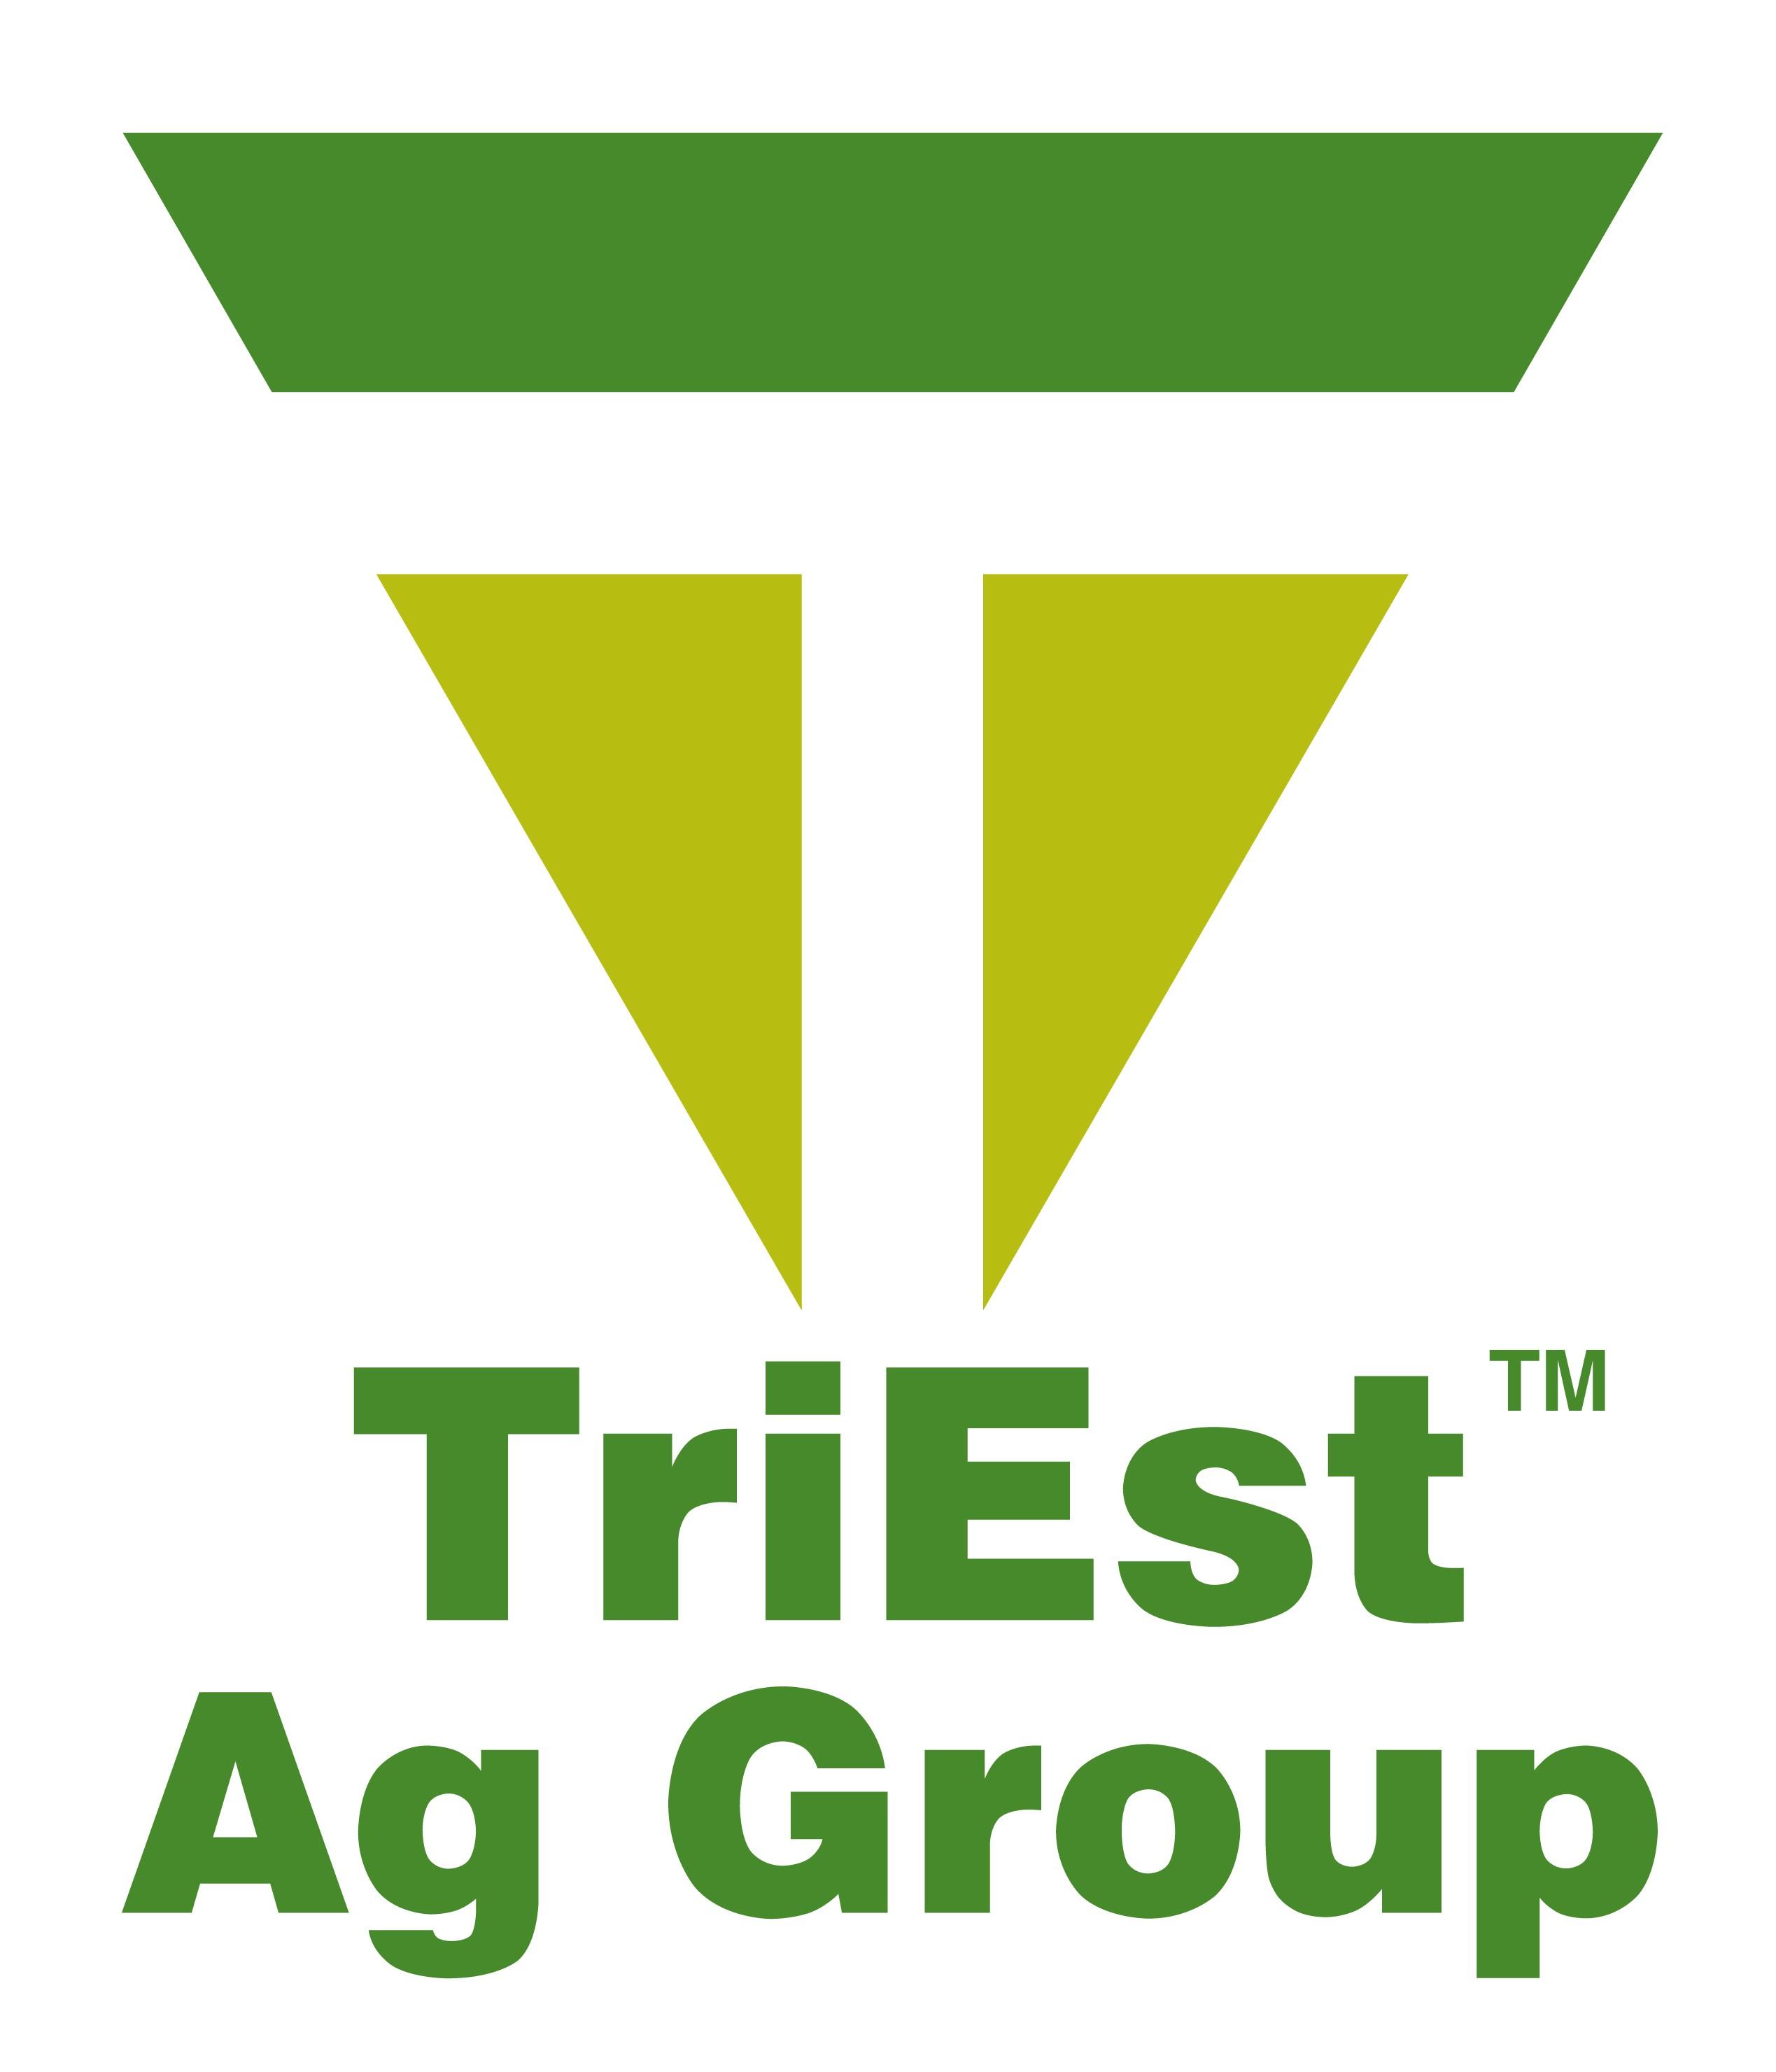 TriEst Ag Group